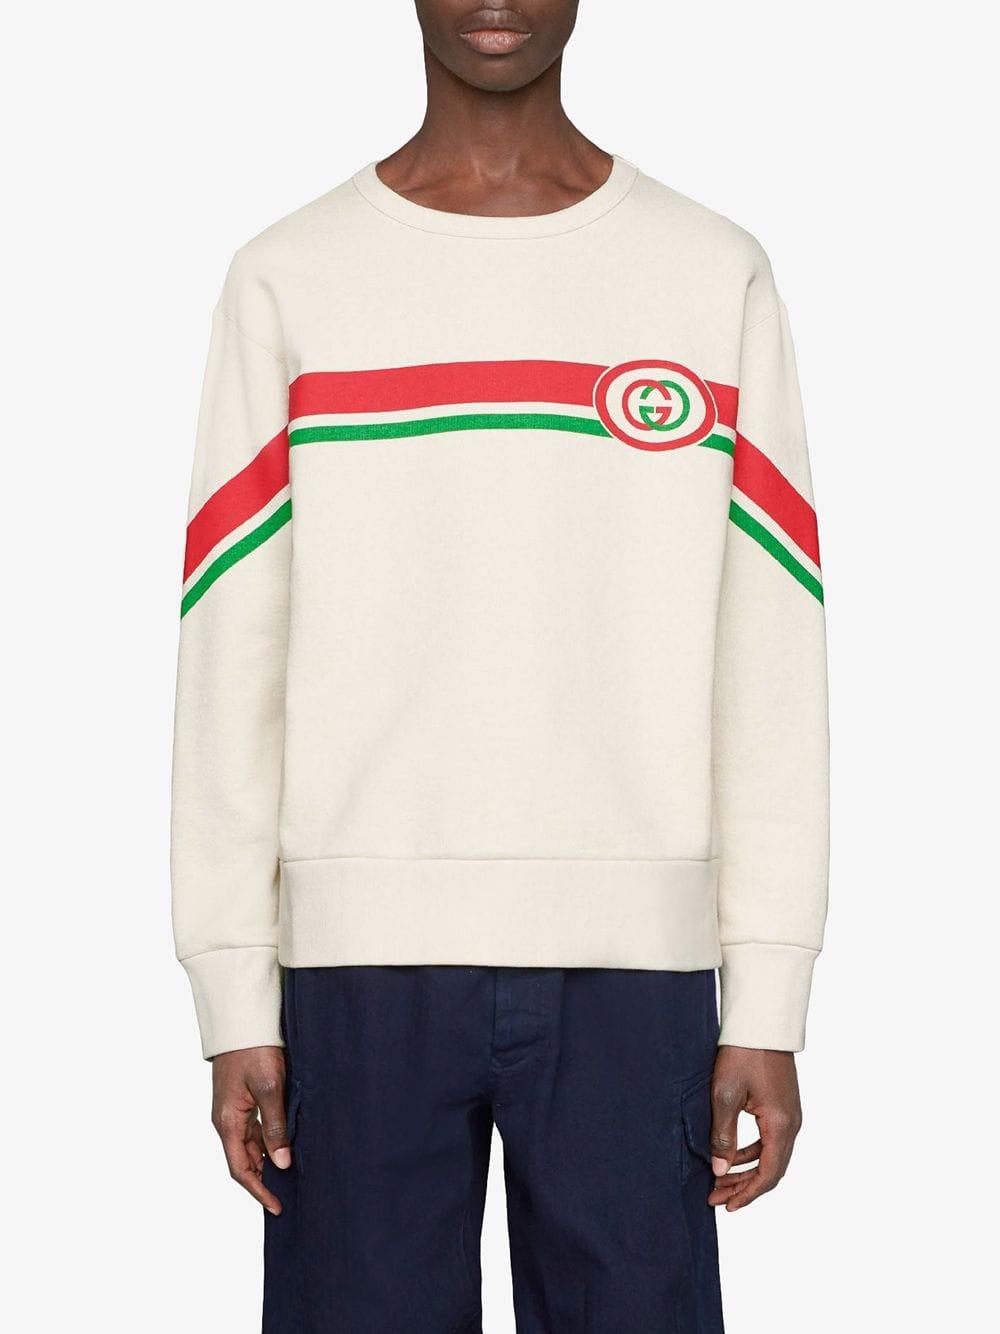 felpa in cotone bianco con bande rosso e verde e logo GG frontale GUCCI | Maglieria Moda | 475532-XJBCM9230